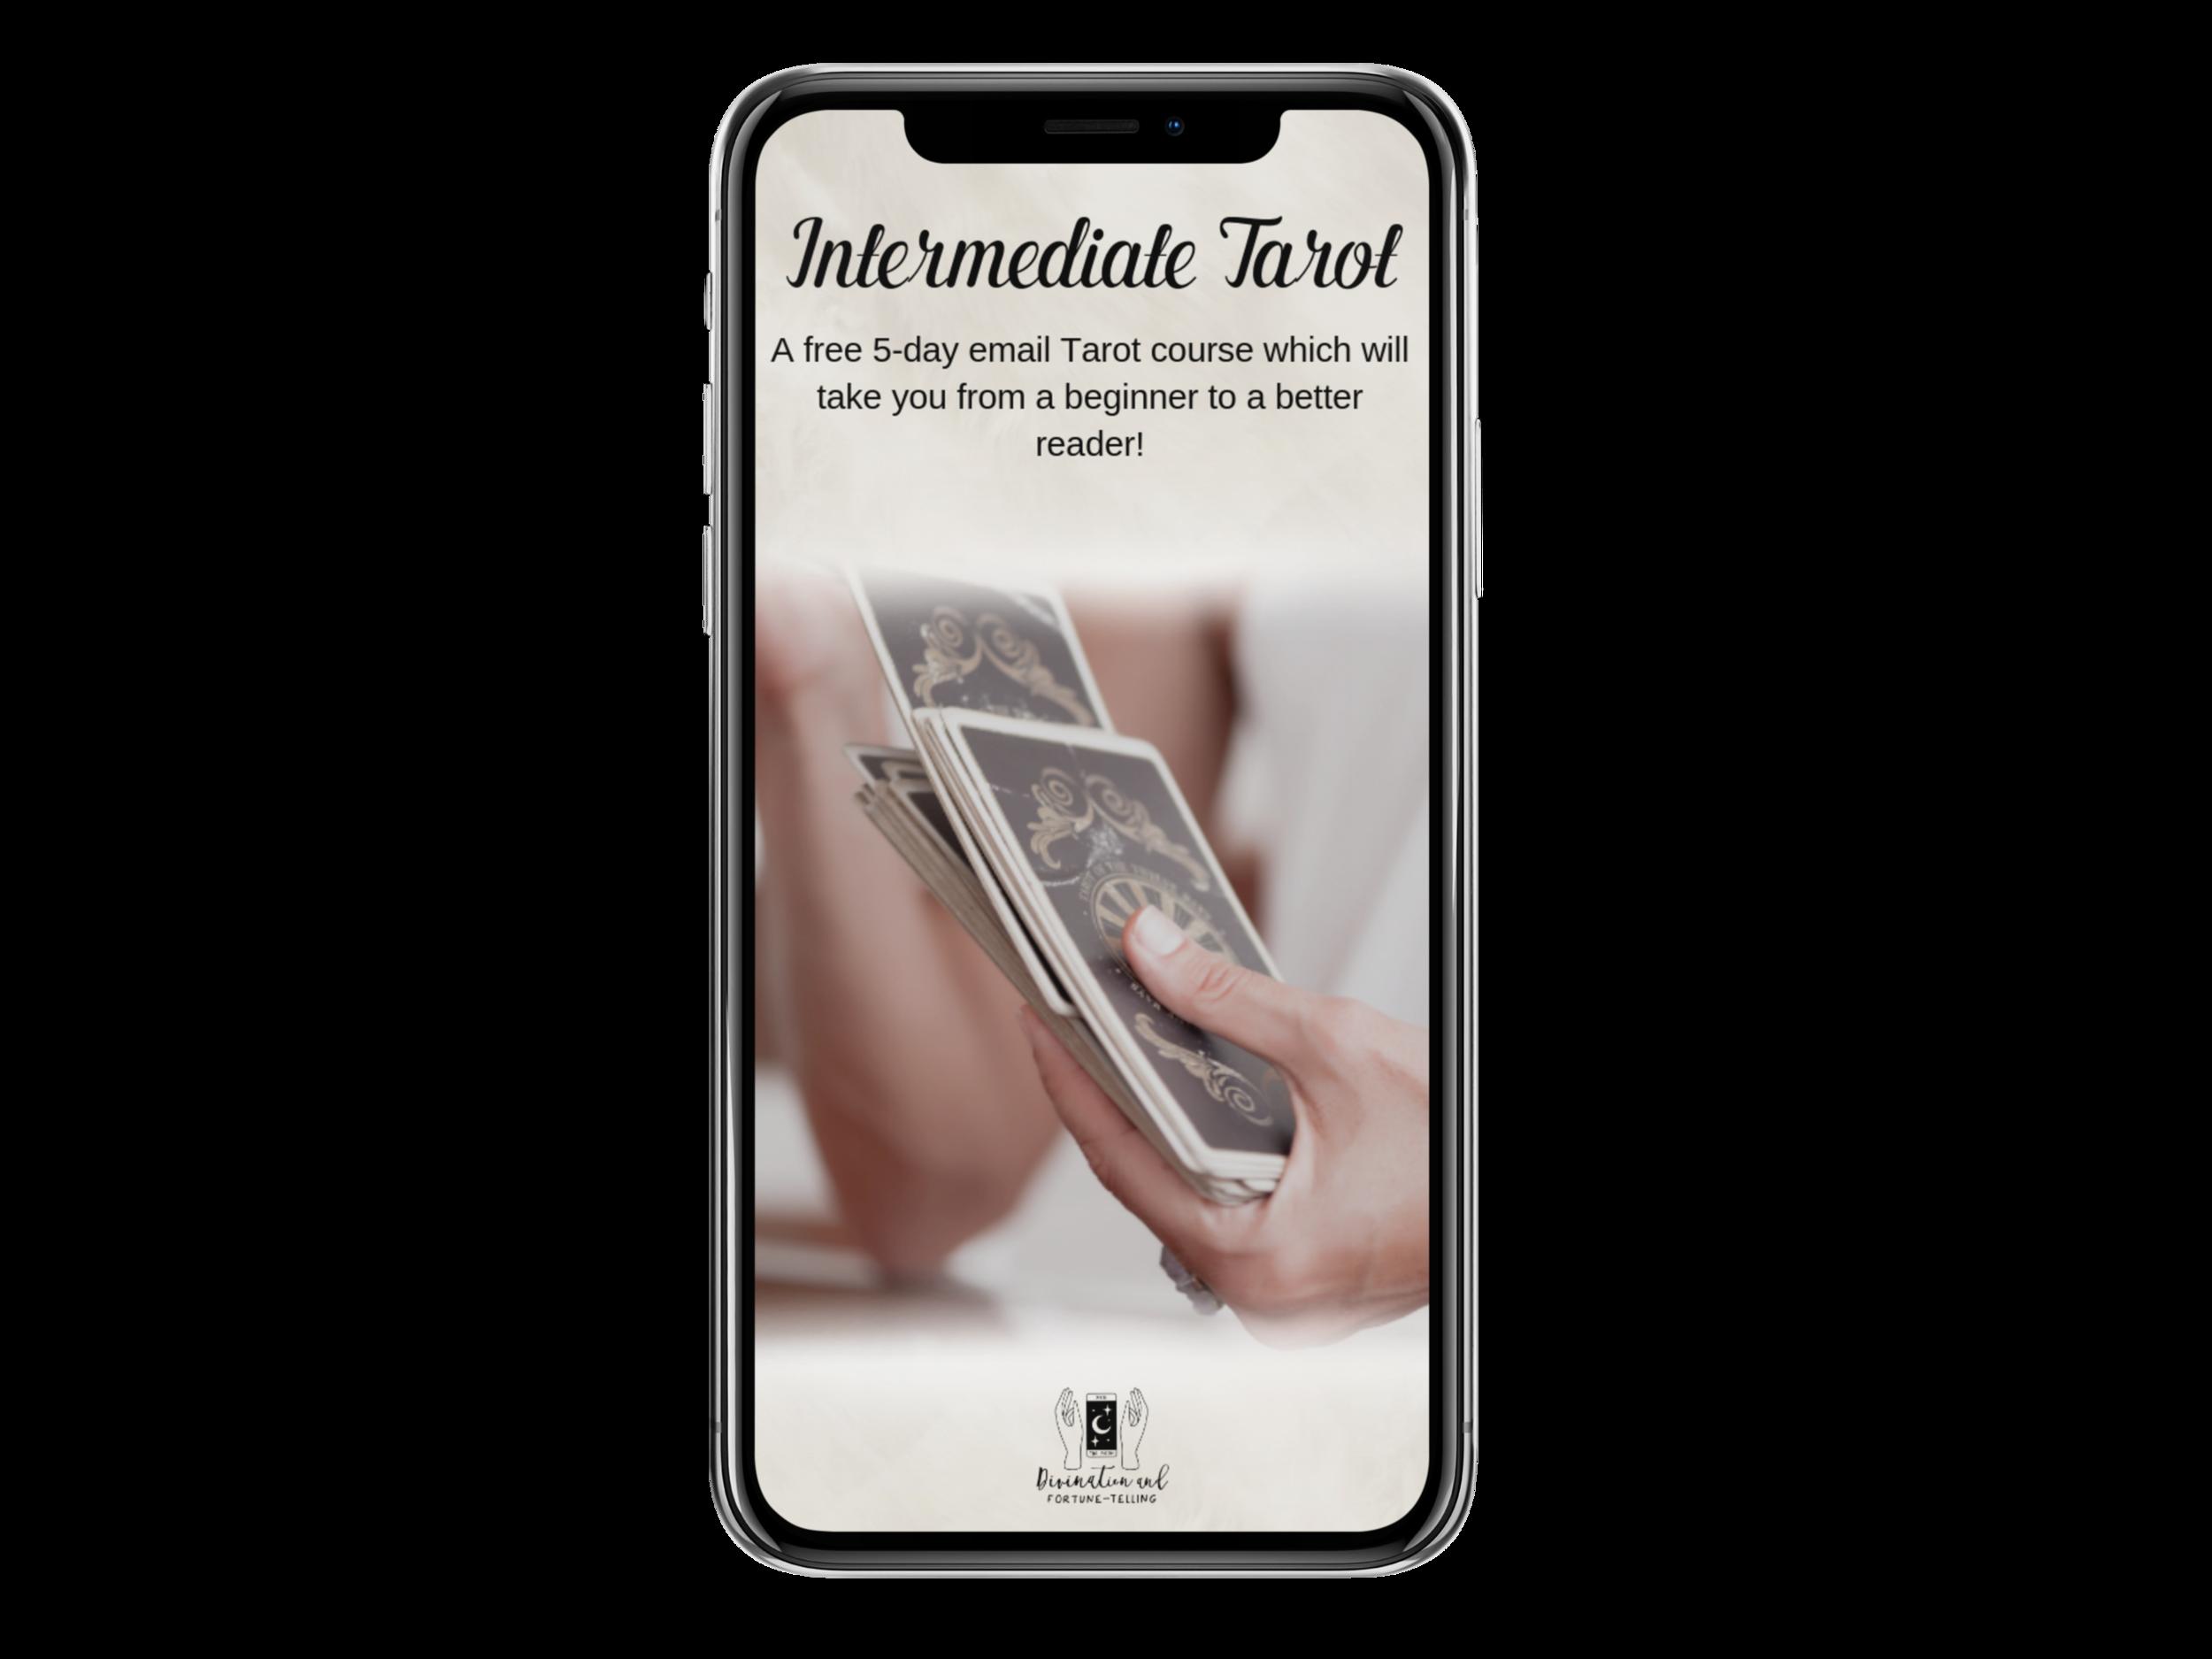 Intermediate Tarot on iPhone.png